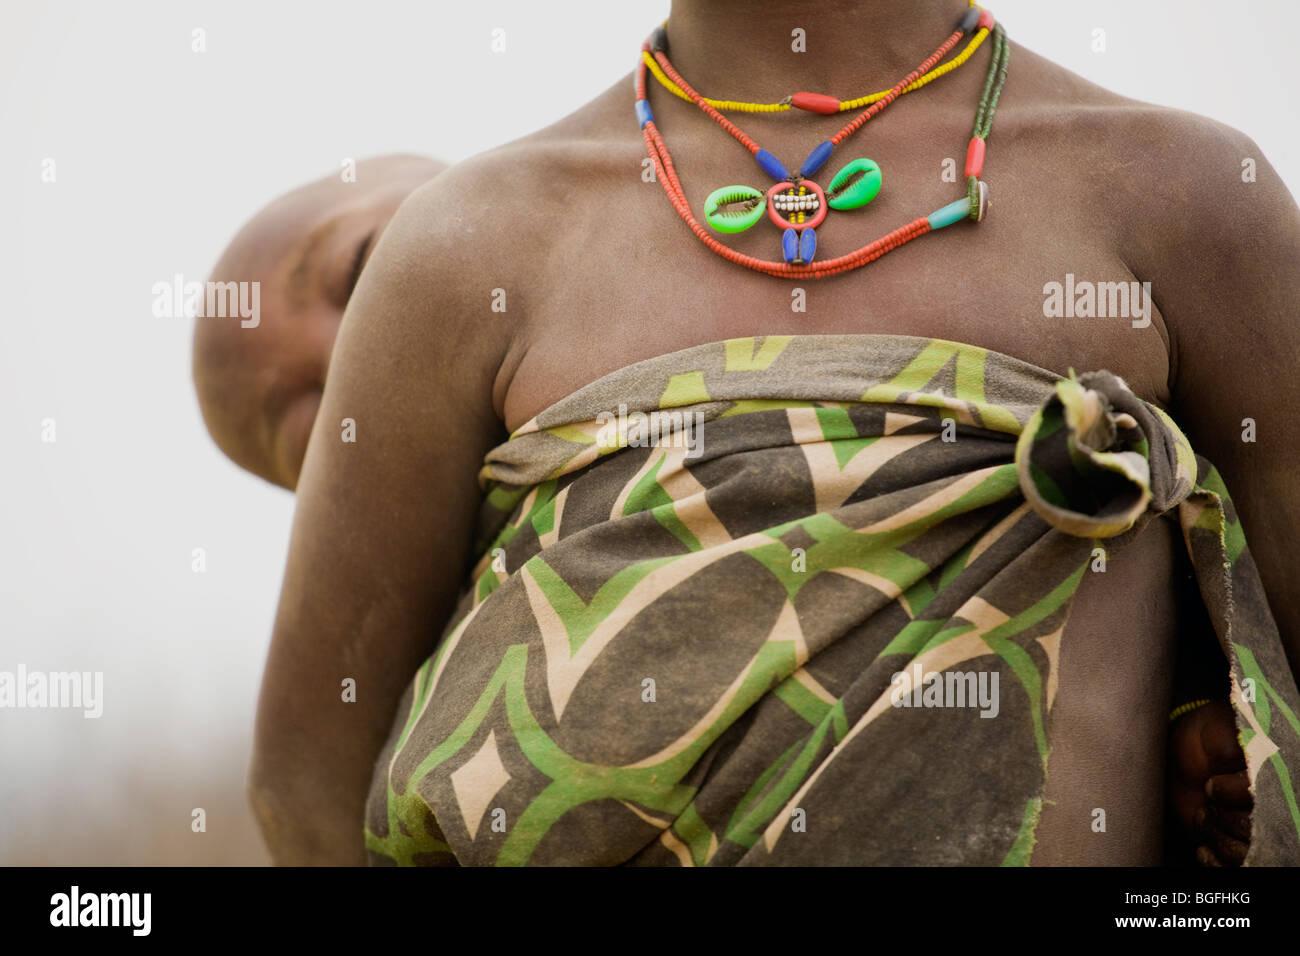 Le ragazze del gruppo etnico Owambo, Namibia settentrionale Immagini Stock